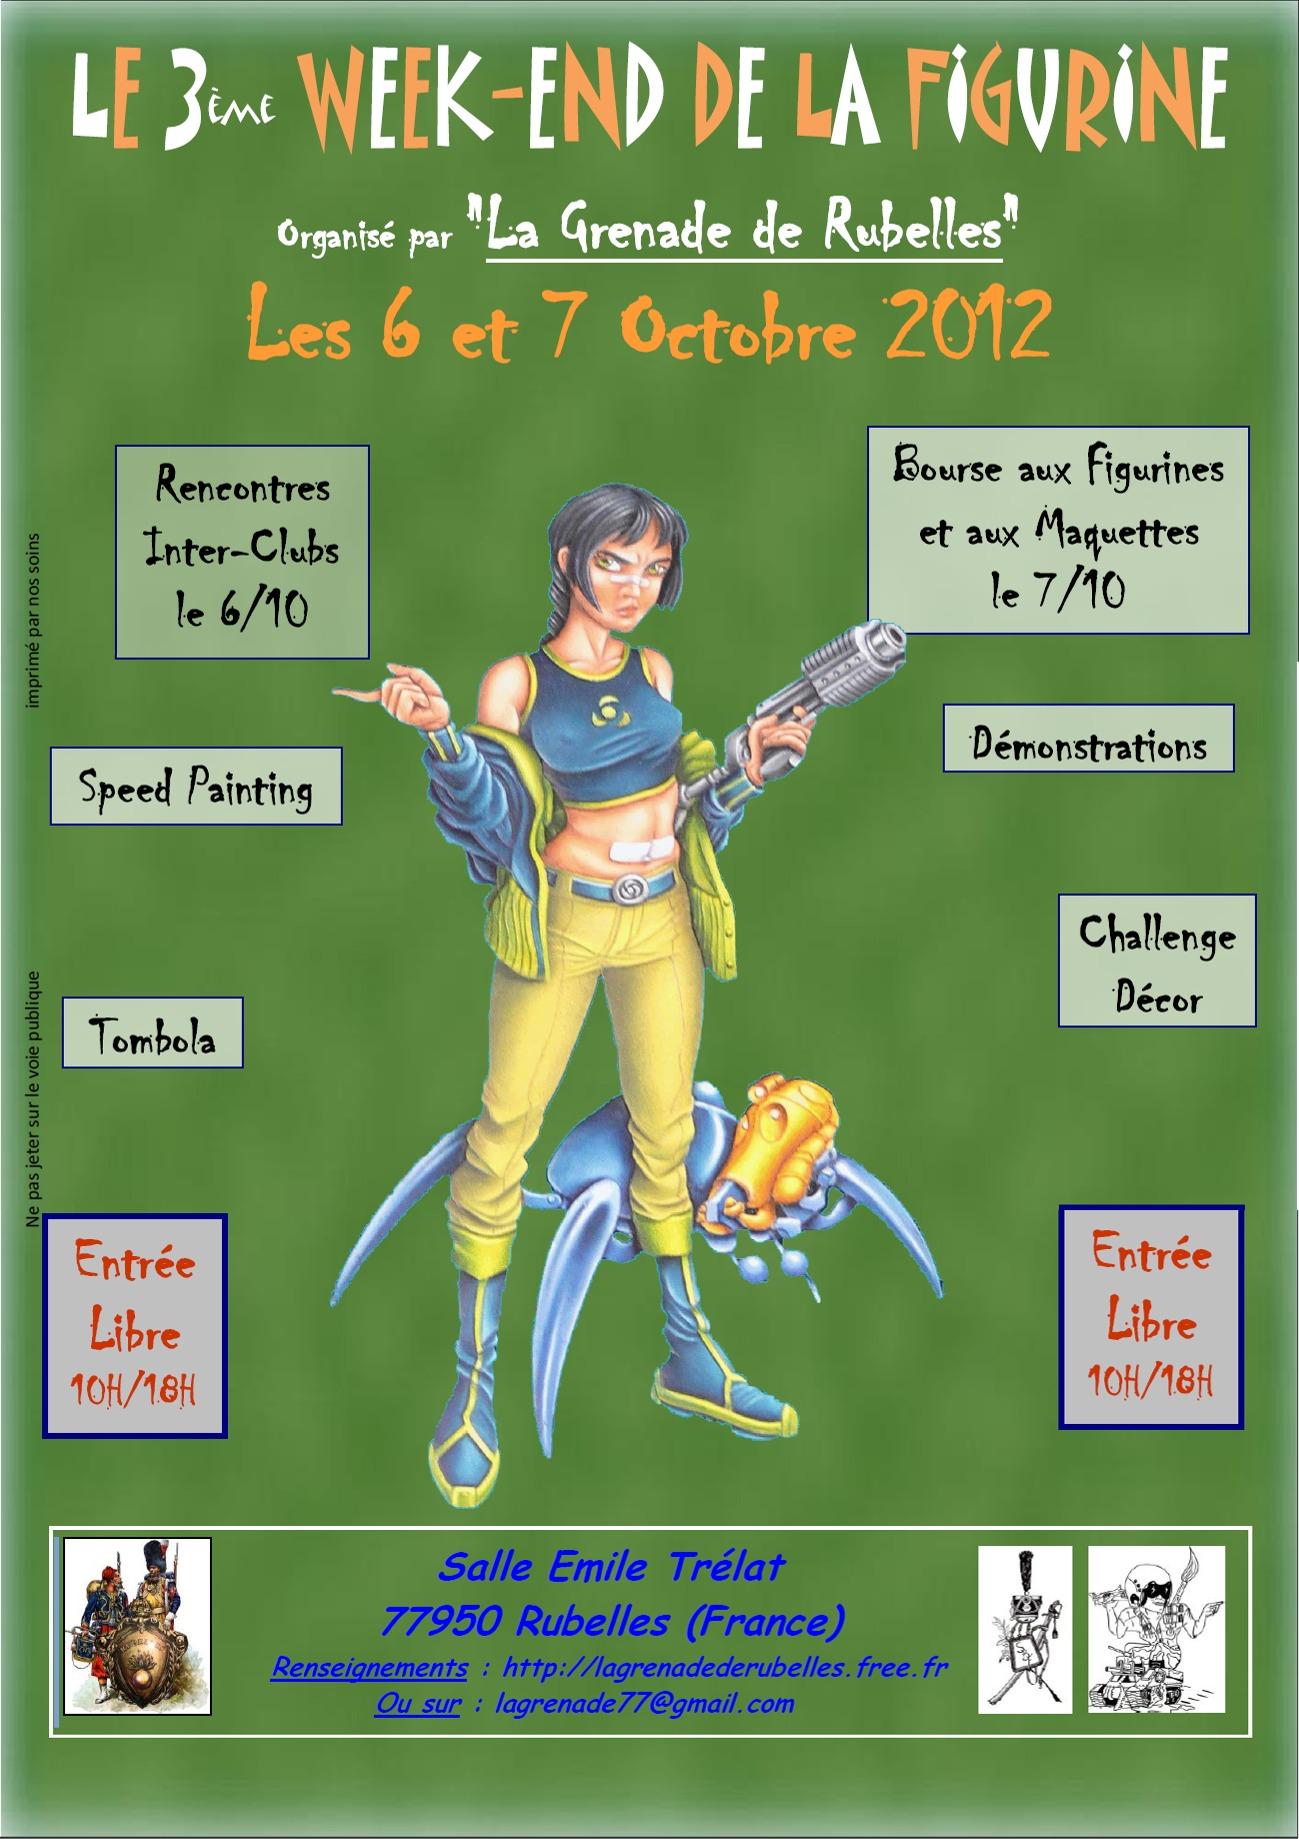 3ème week-end de la figurine de Rubelles Affiche2012a